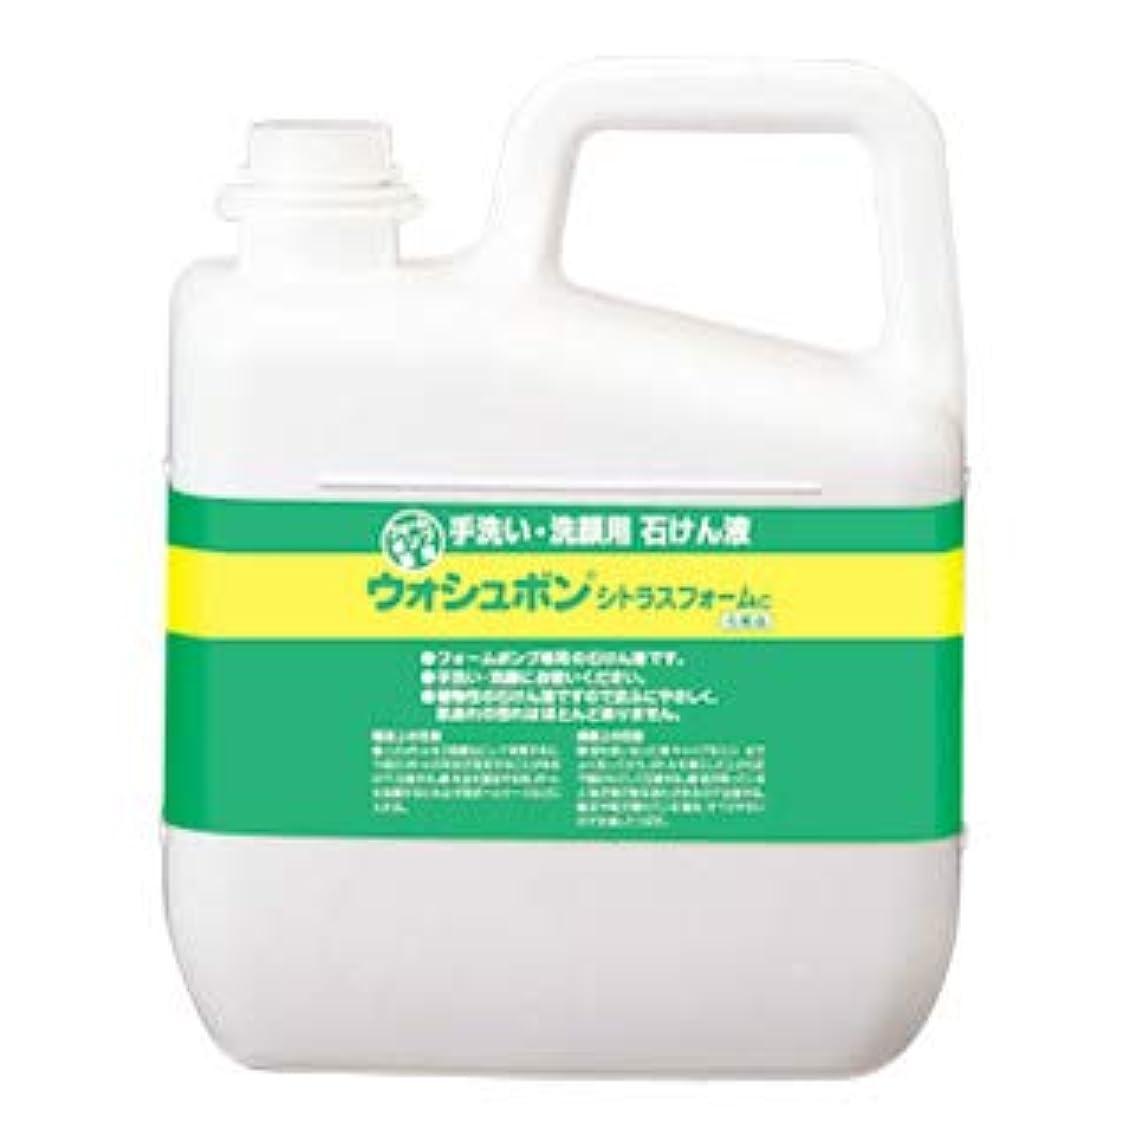 会社健康俳優サラヤ ウォシュボン 手洗い用石けん液 ウォシュボンシトラスフォームC 5kg